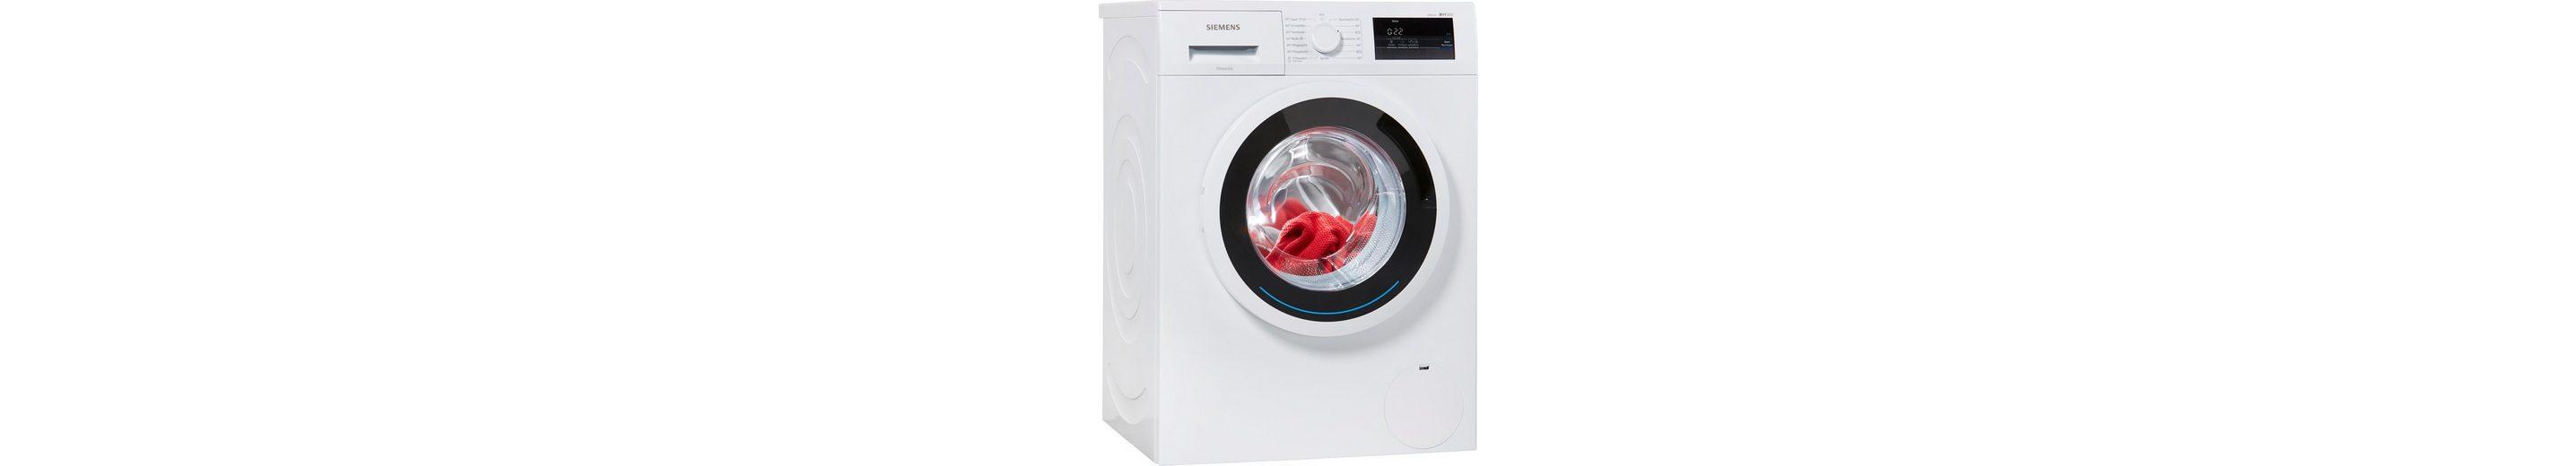 SIEMENS Waschmaschine WM14N0ECO, A+++, 6 kg, 1400 U/Min